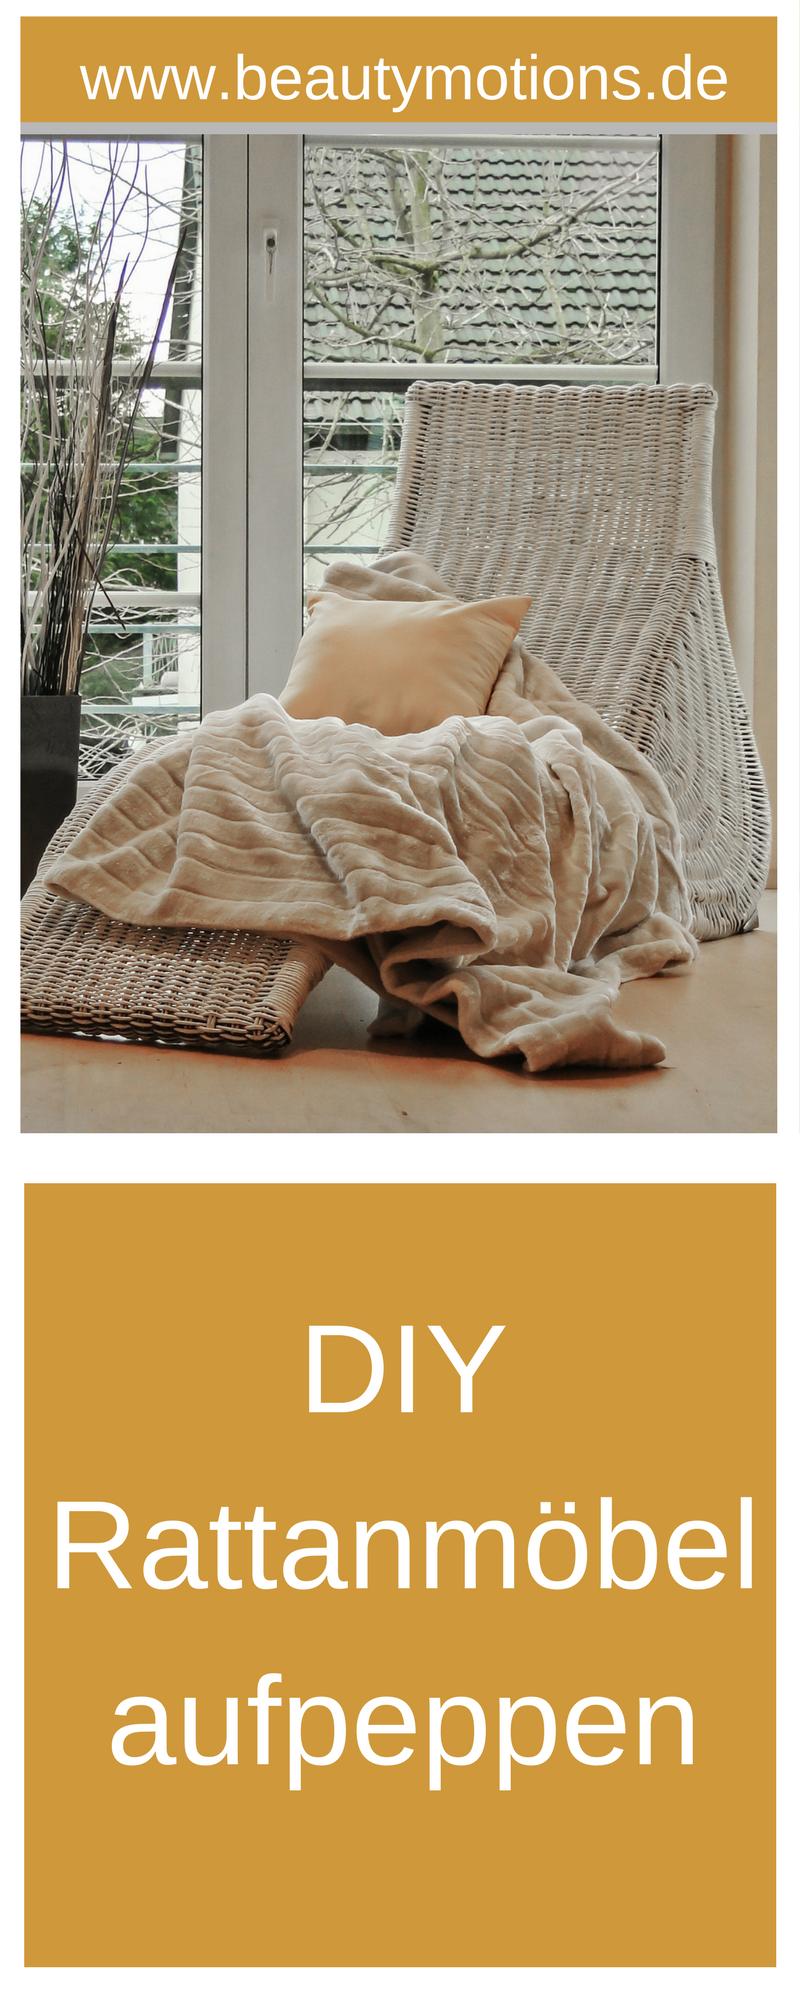 DIY - Korbmöbel aufpeppen - Rattanmöbel weiß streichen | Living spaces